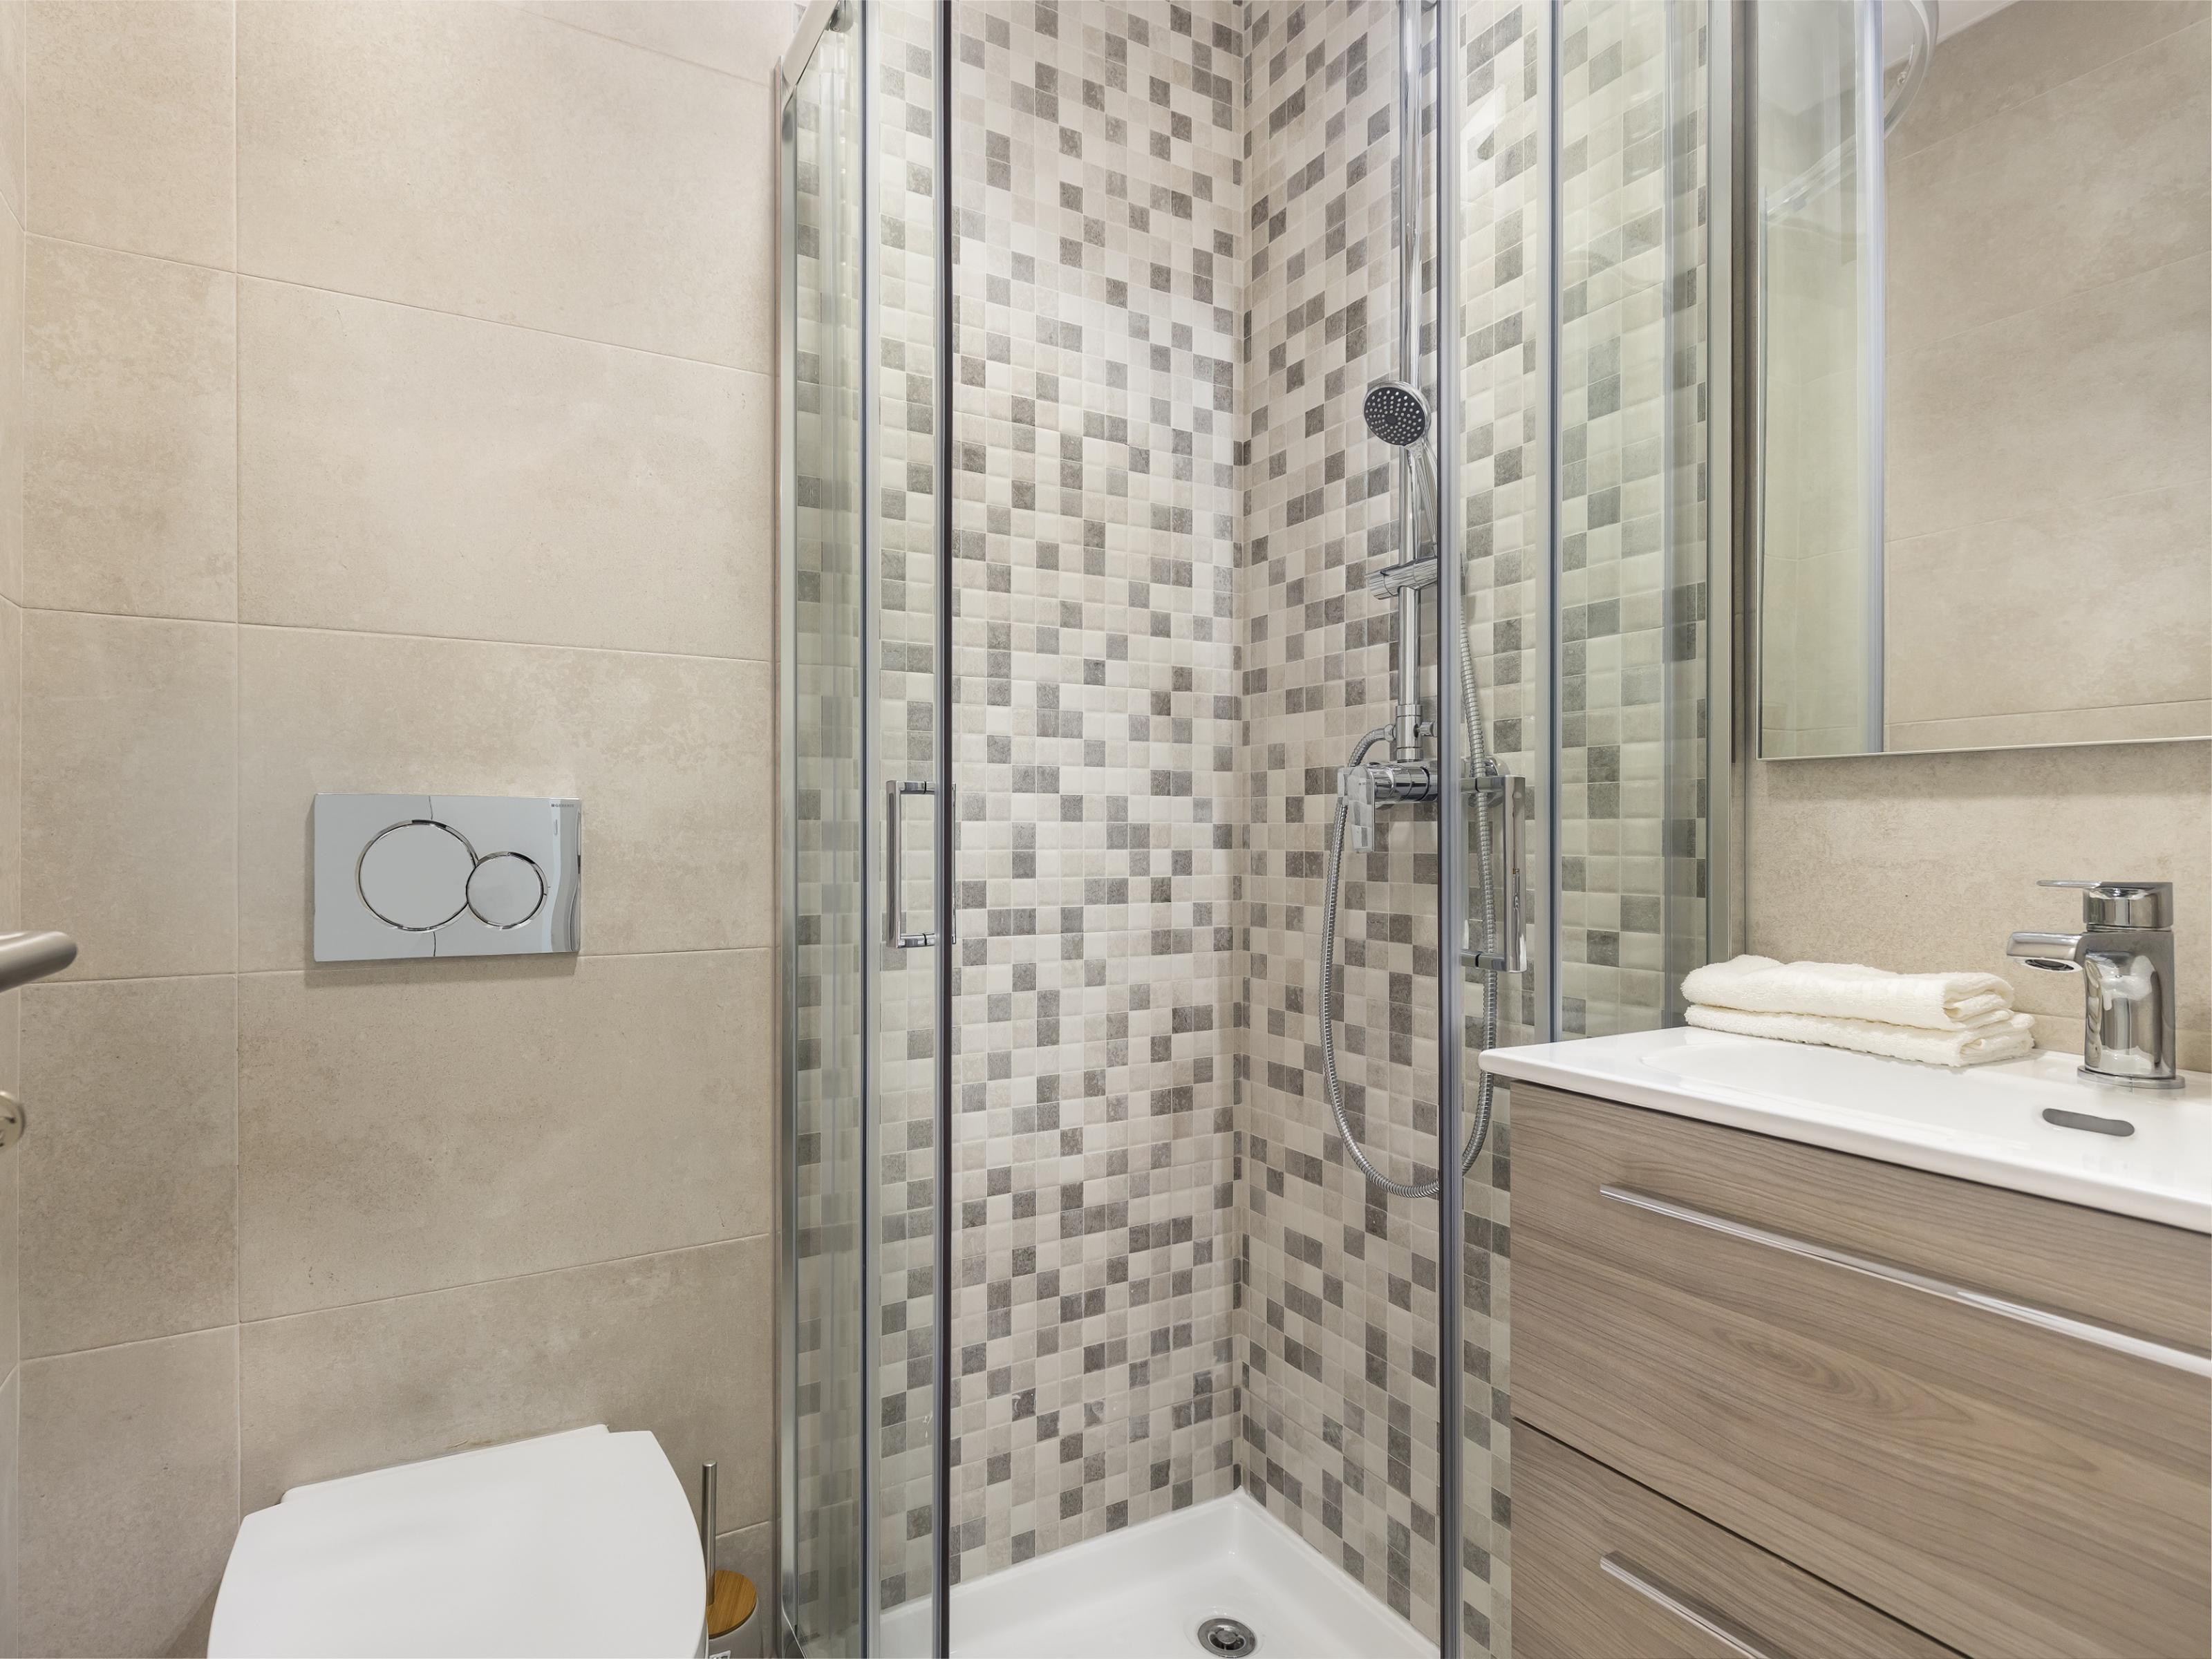 למכירה – דירת 3 חדרים, משופצת, בליסבון